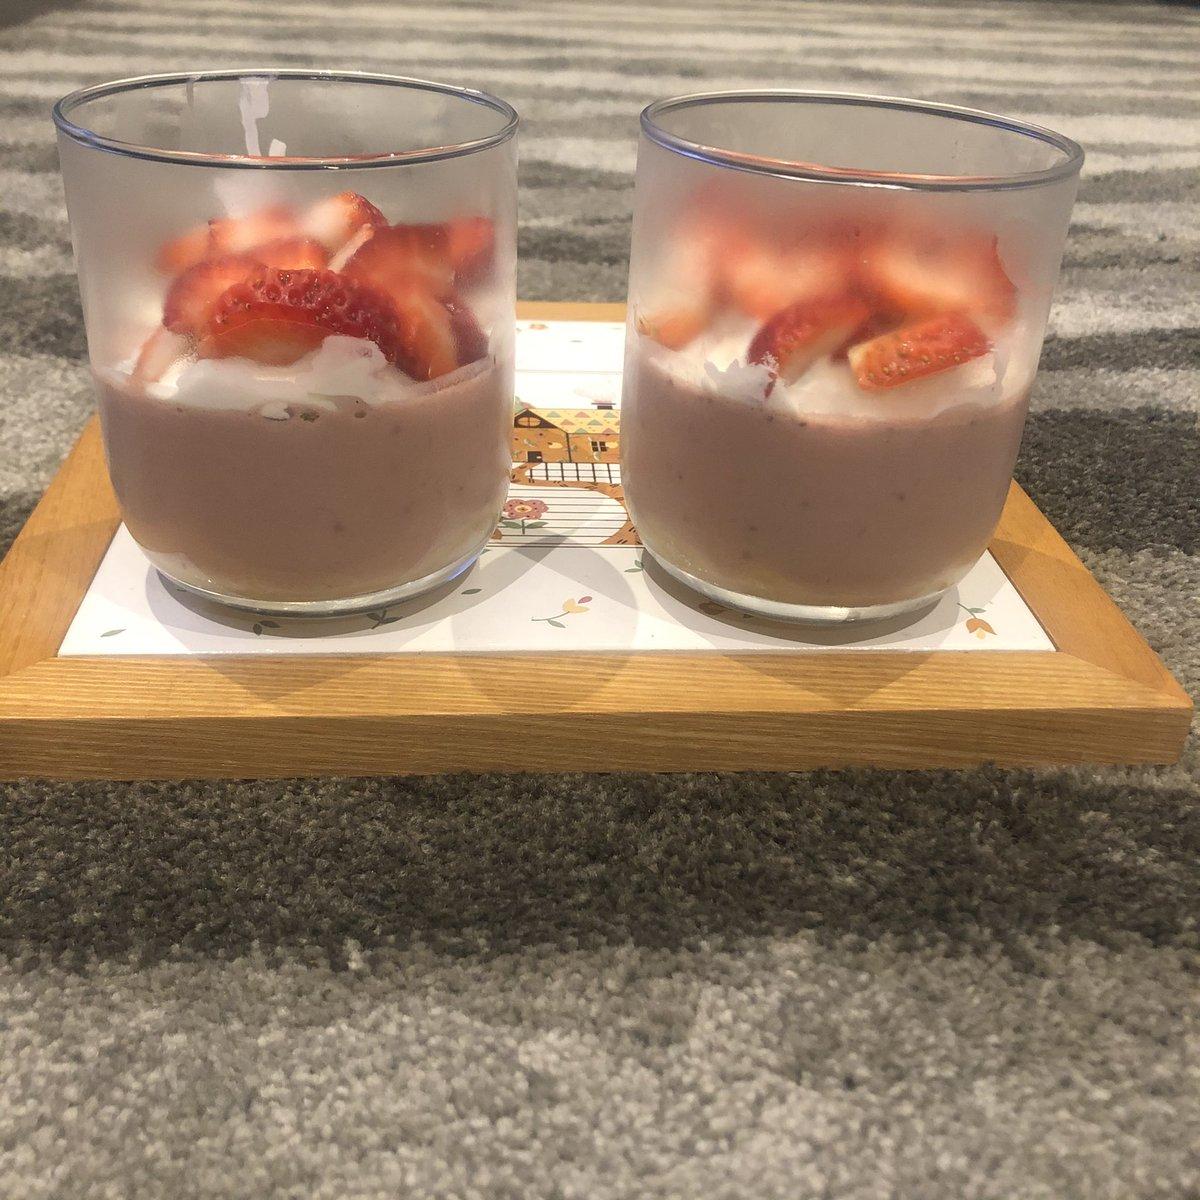 Yum! Strawberry cream pies. Love making desserts. 🍓  #dessert #dessertsofinstagram #strawberry #strawberrycreampie #creampie #pie https://t.co/Lmylw1p5fF